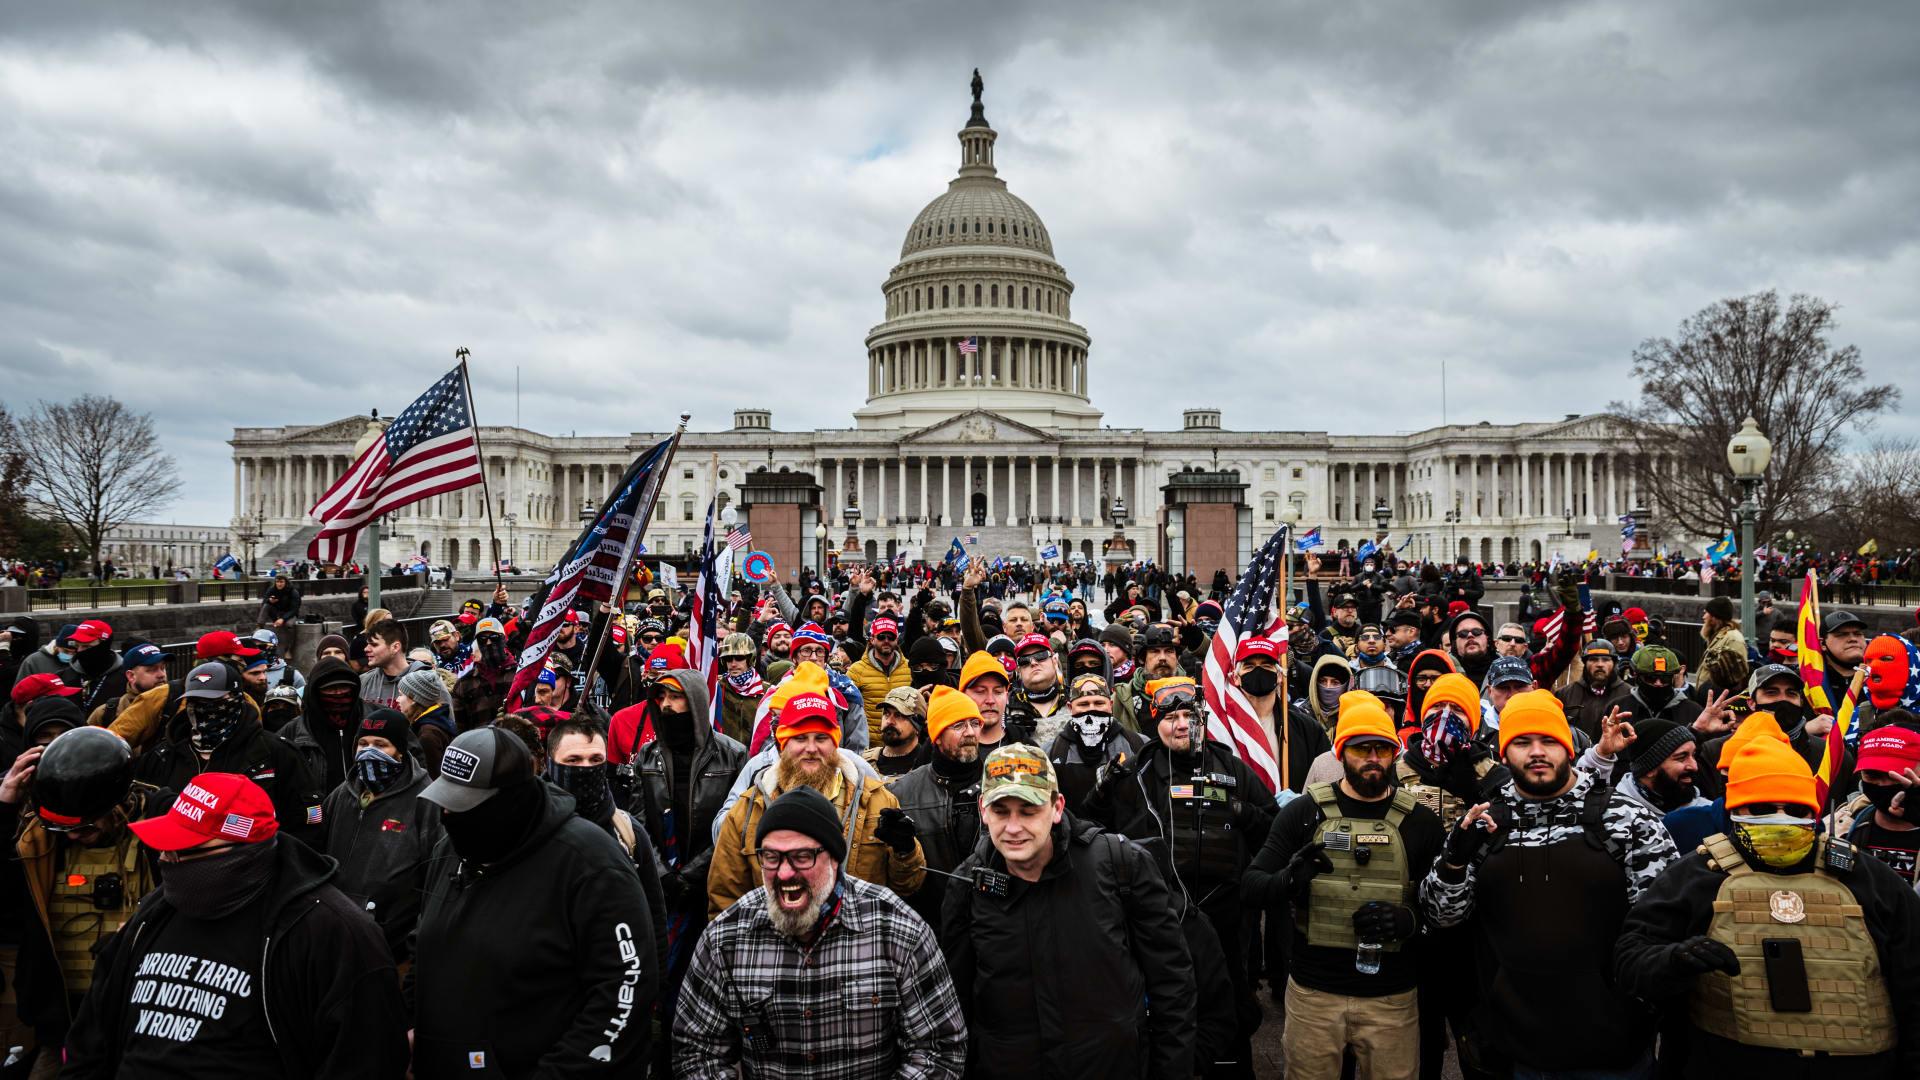 رغم الفوضى والشغب الكارثي في الكونغرس.. الديمقراطية هي التي أنقذت أمريكا